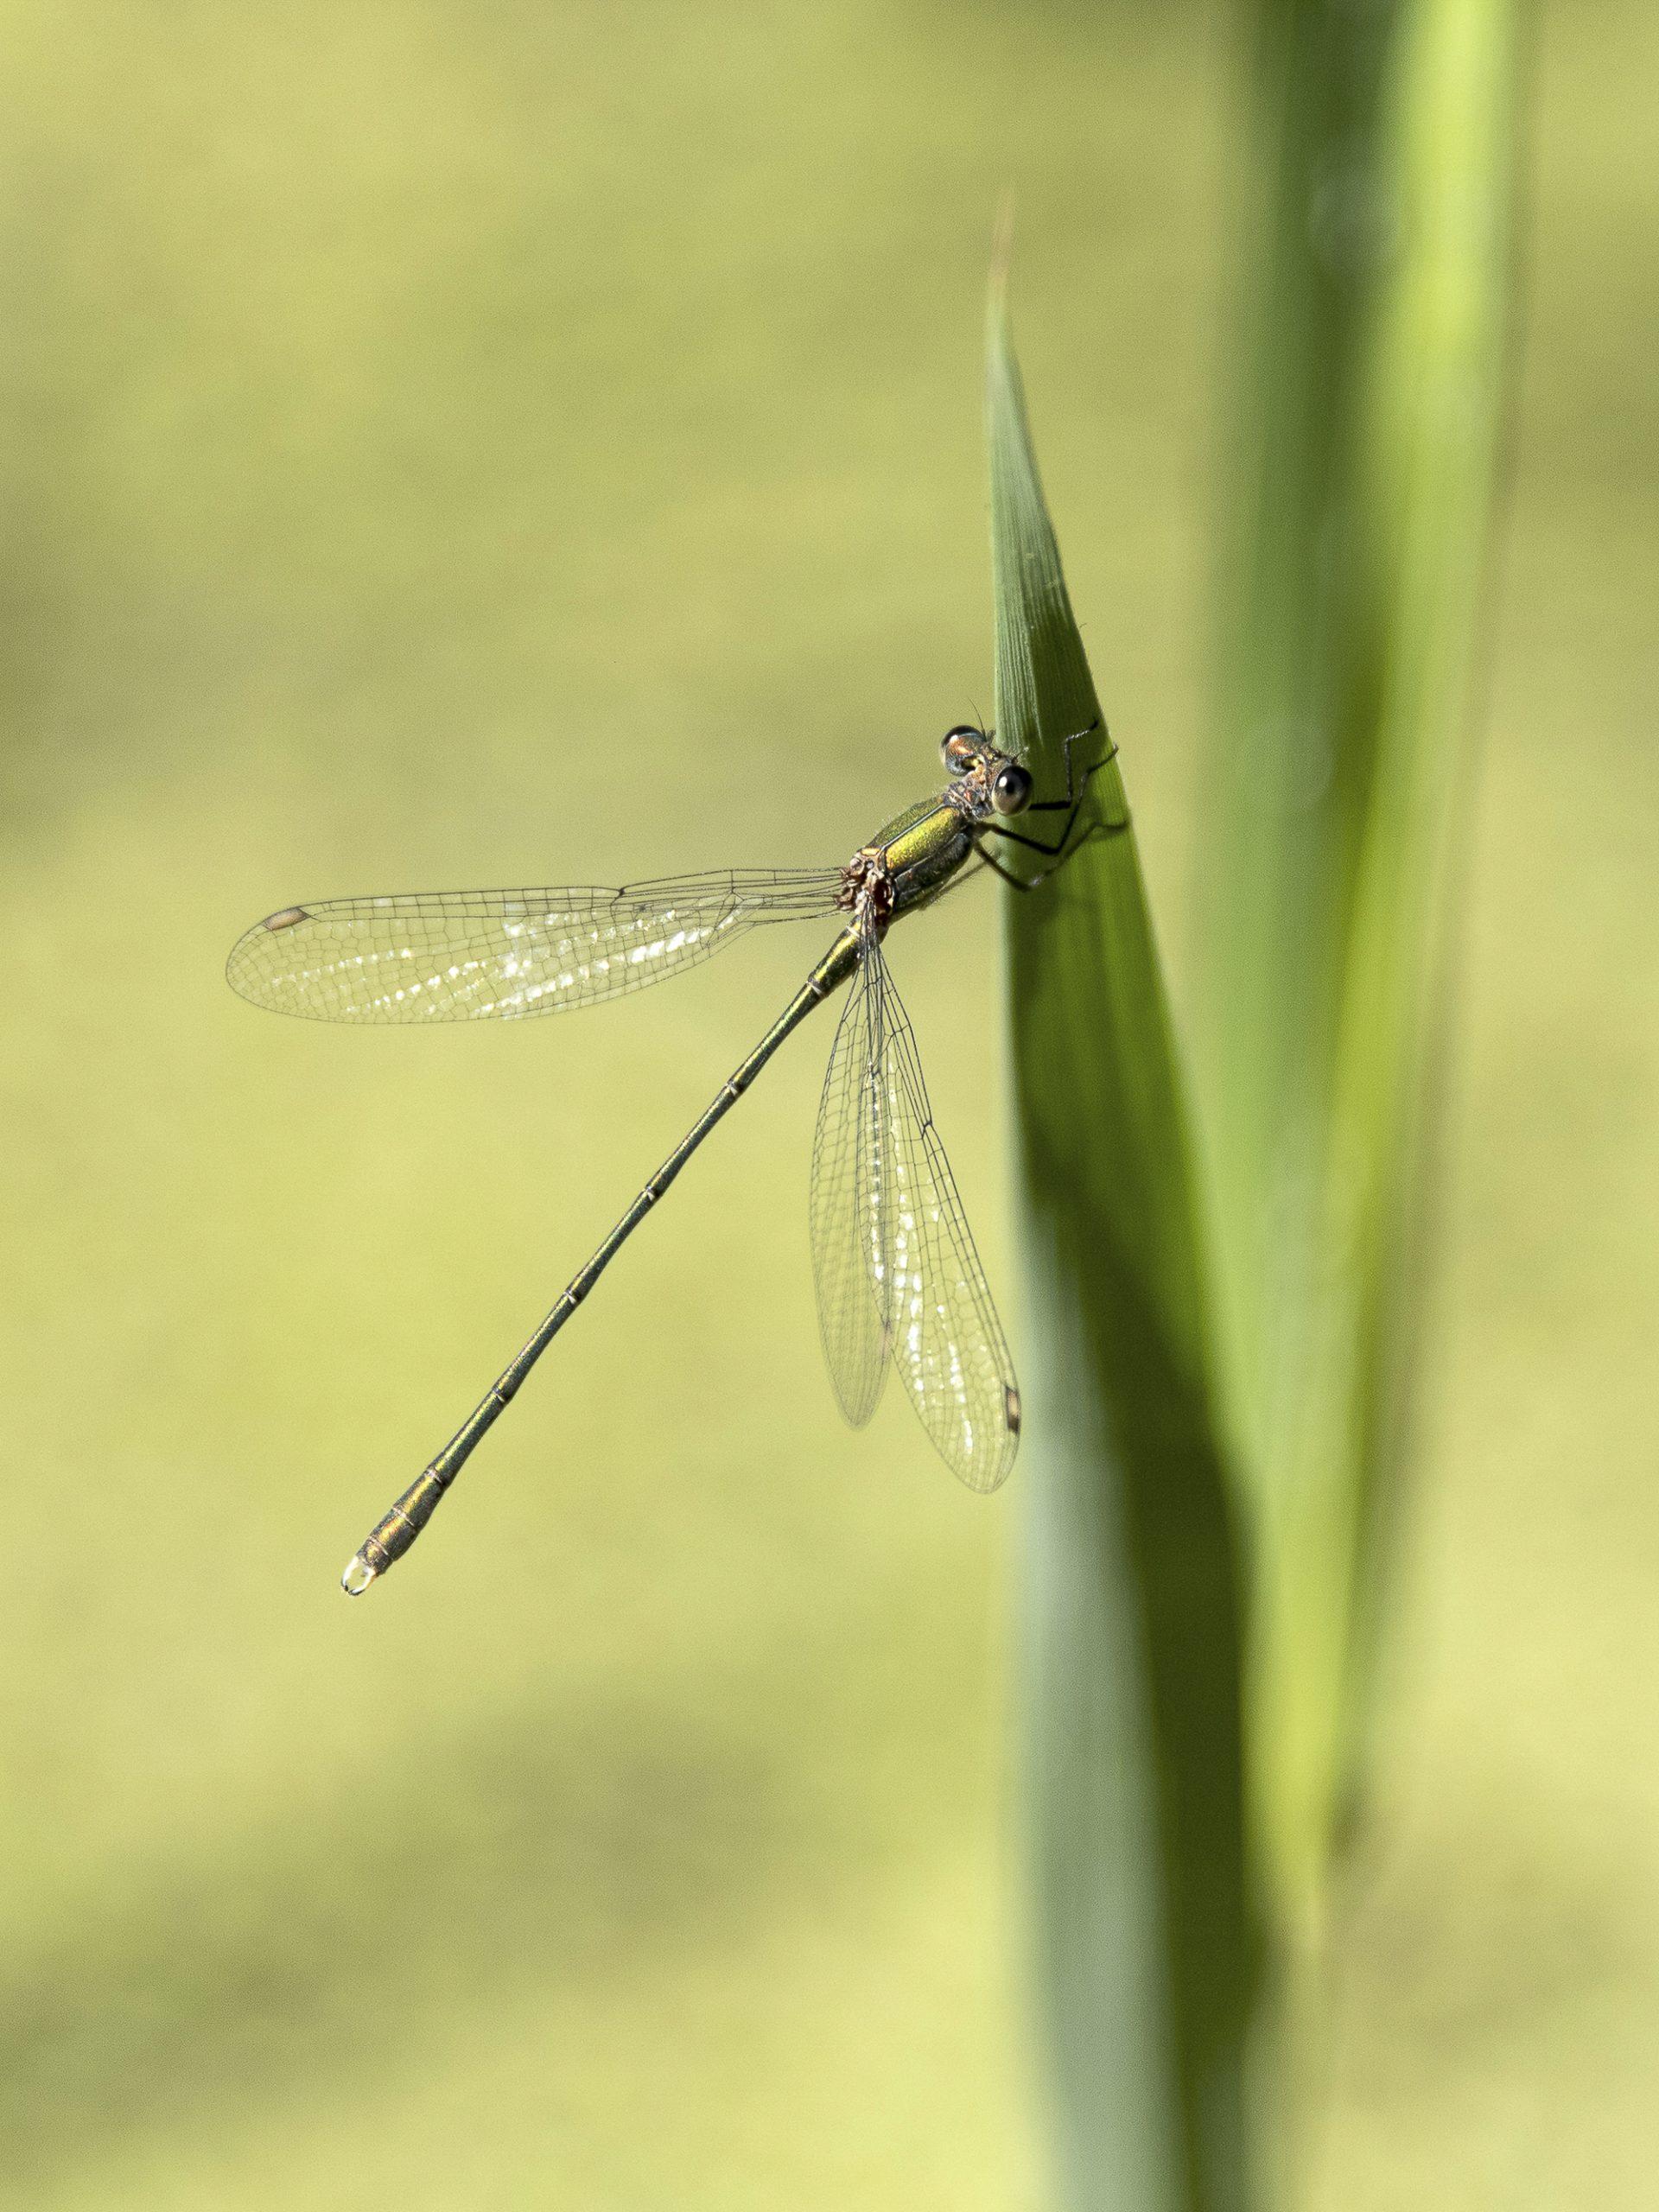 Jeanette-van-Starkenburg-Libelle-2